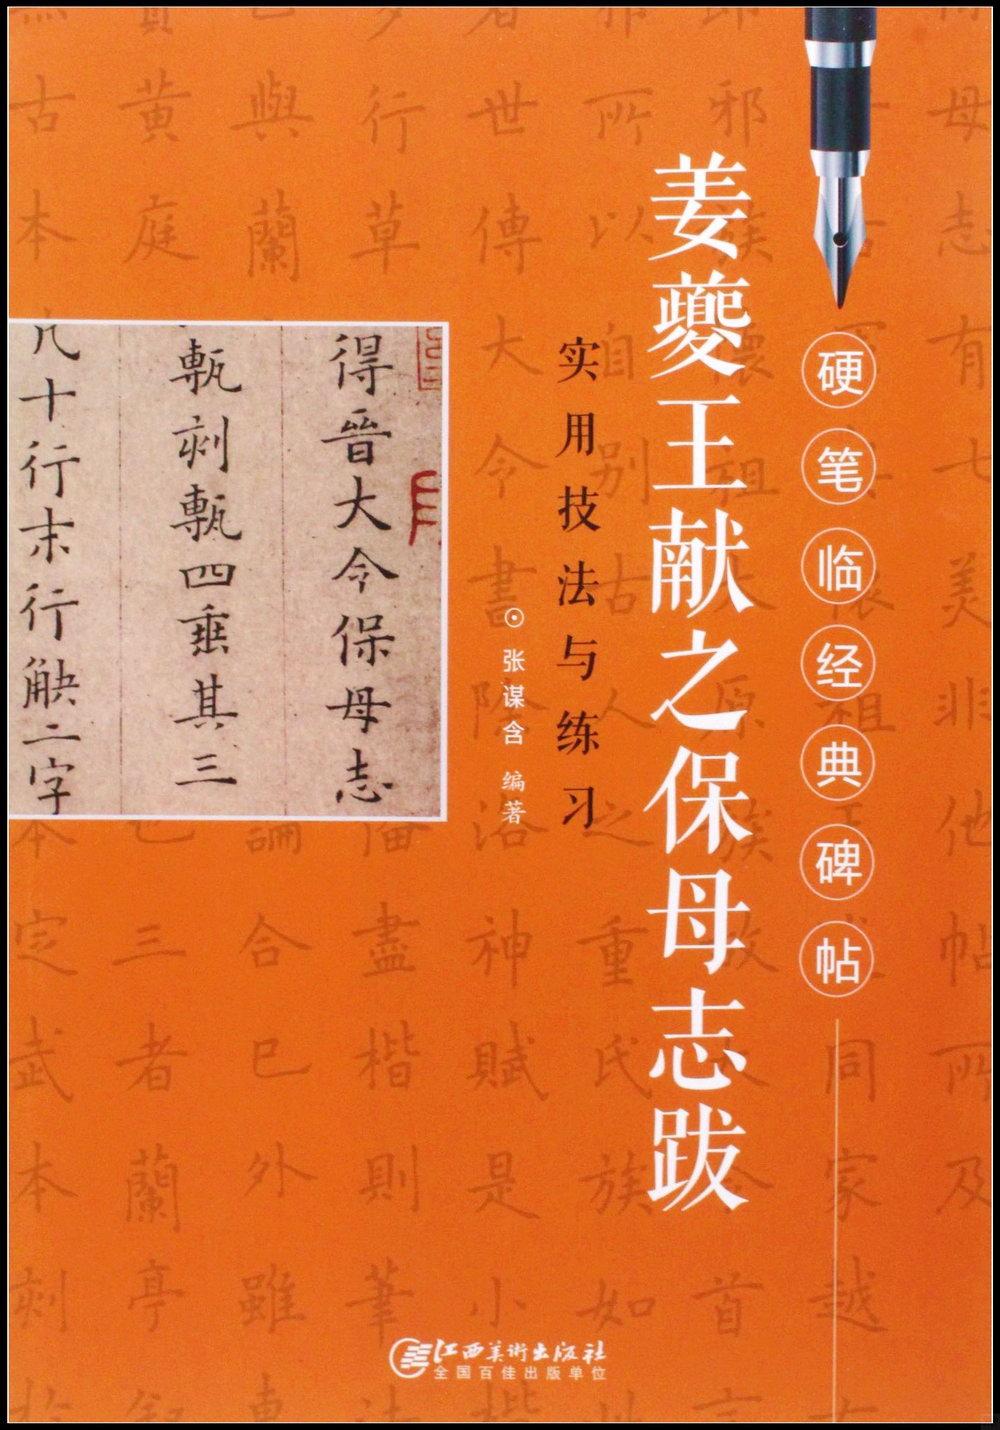 硬筆臨經典碑帖:姜夔·王獻之·保姆志跋